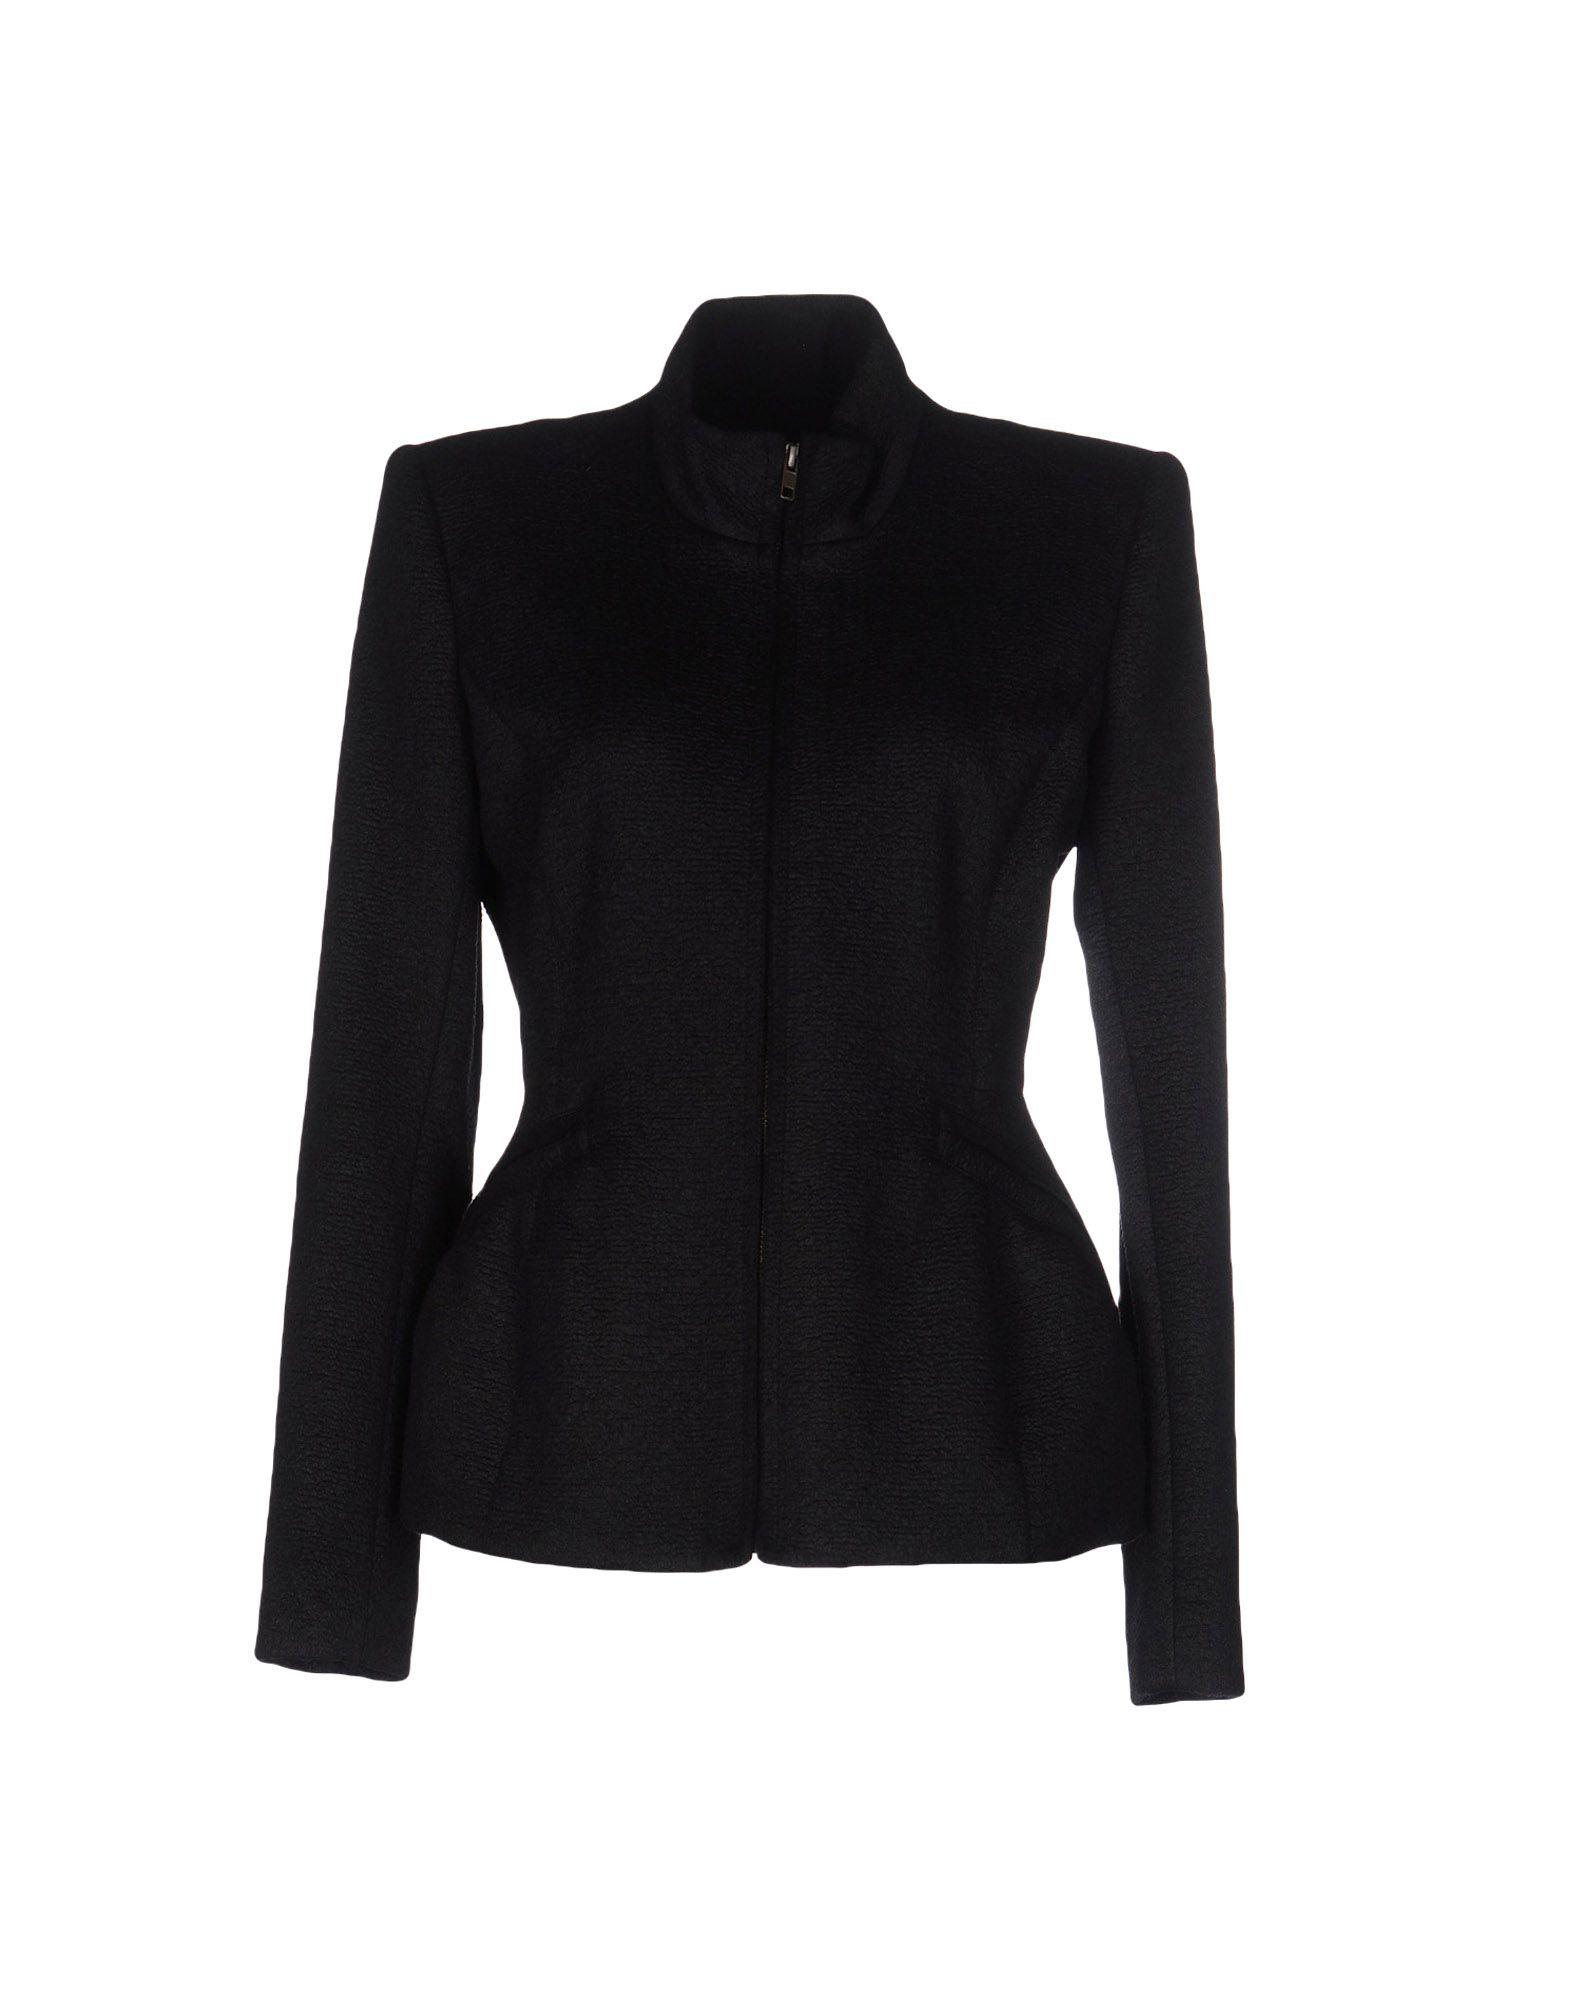 《送料無料》THEYSKENS' THEORY レディース テーラードジャケット ブラック 6 毛(アルパカ) 75% / バージンウール 20% / ポリウレタン 5% / ポリウレタン?